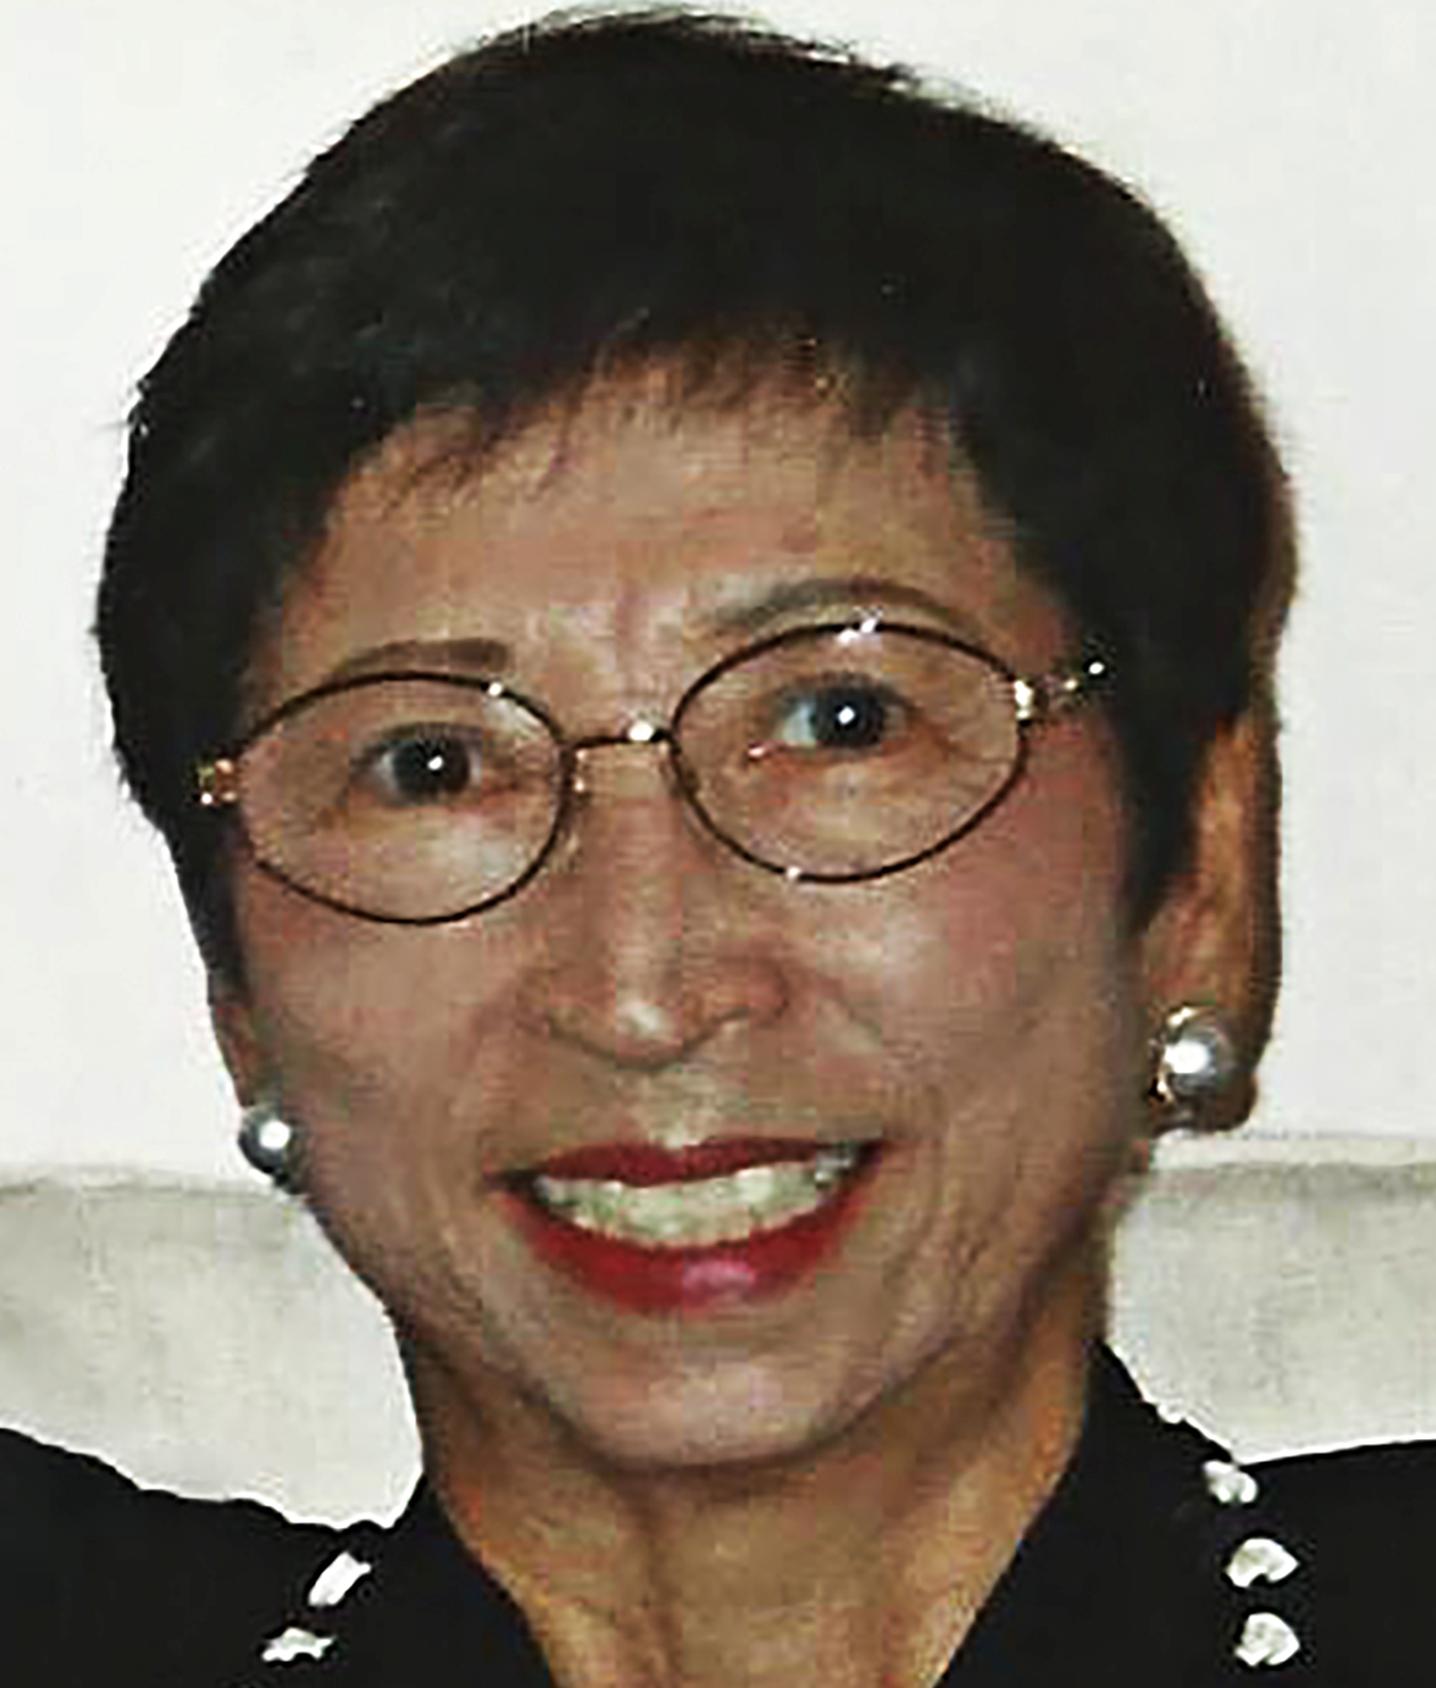 FLORA KINUE YAMASAKI